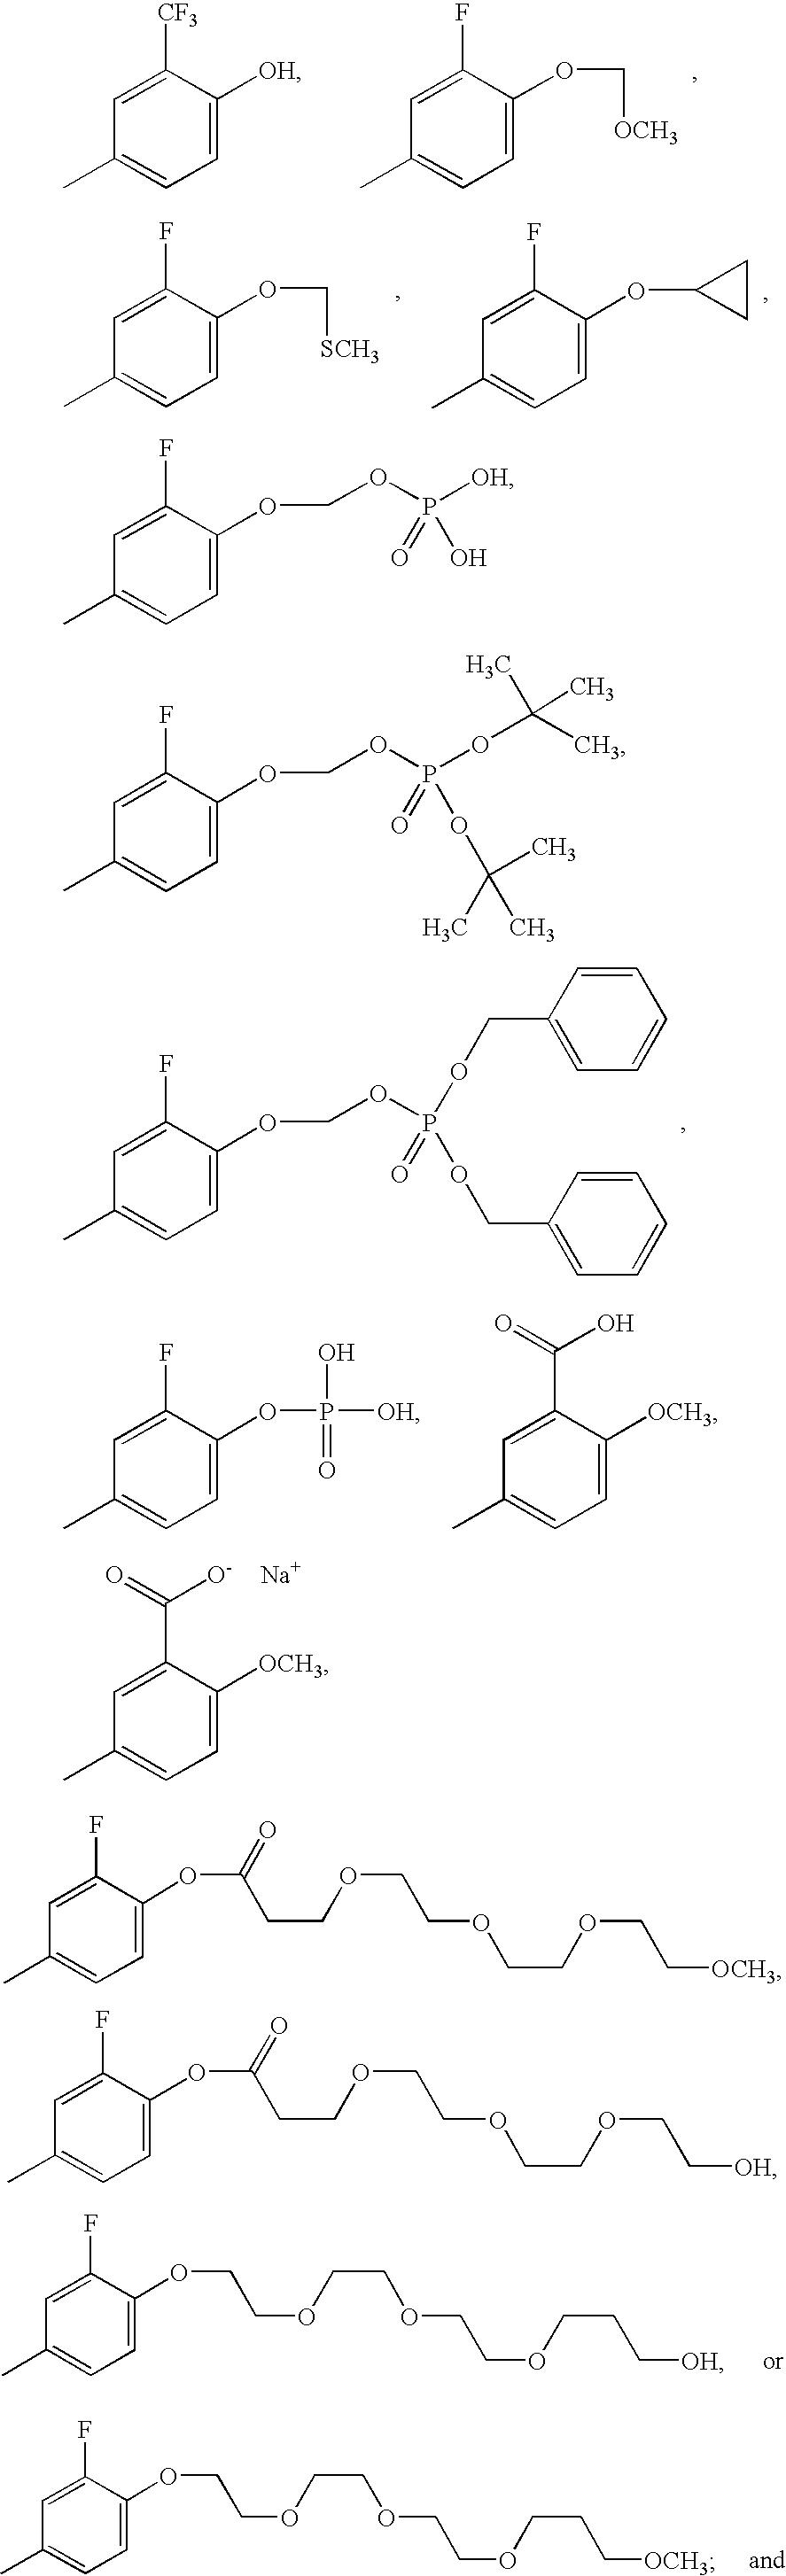 Figure US20050113341A1-20050526-C00103